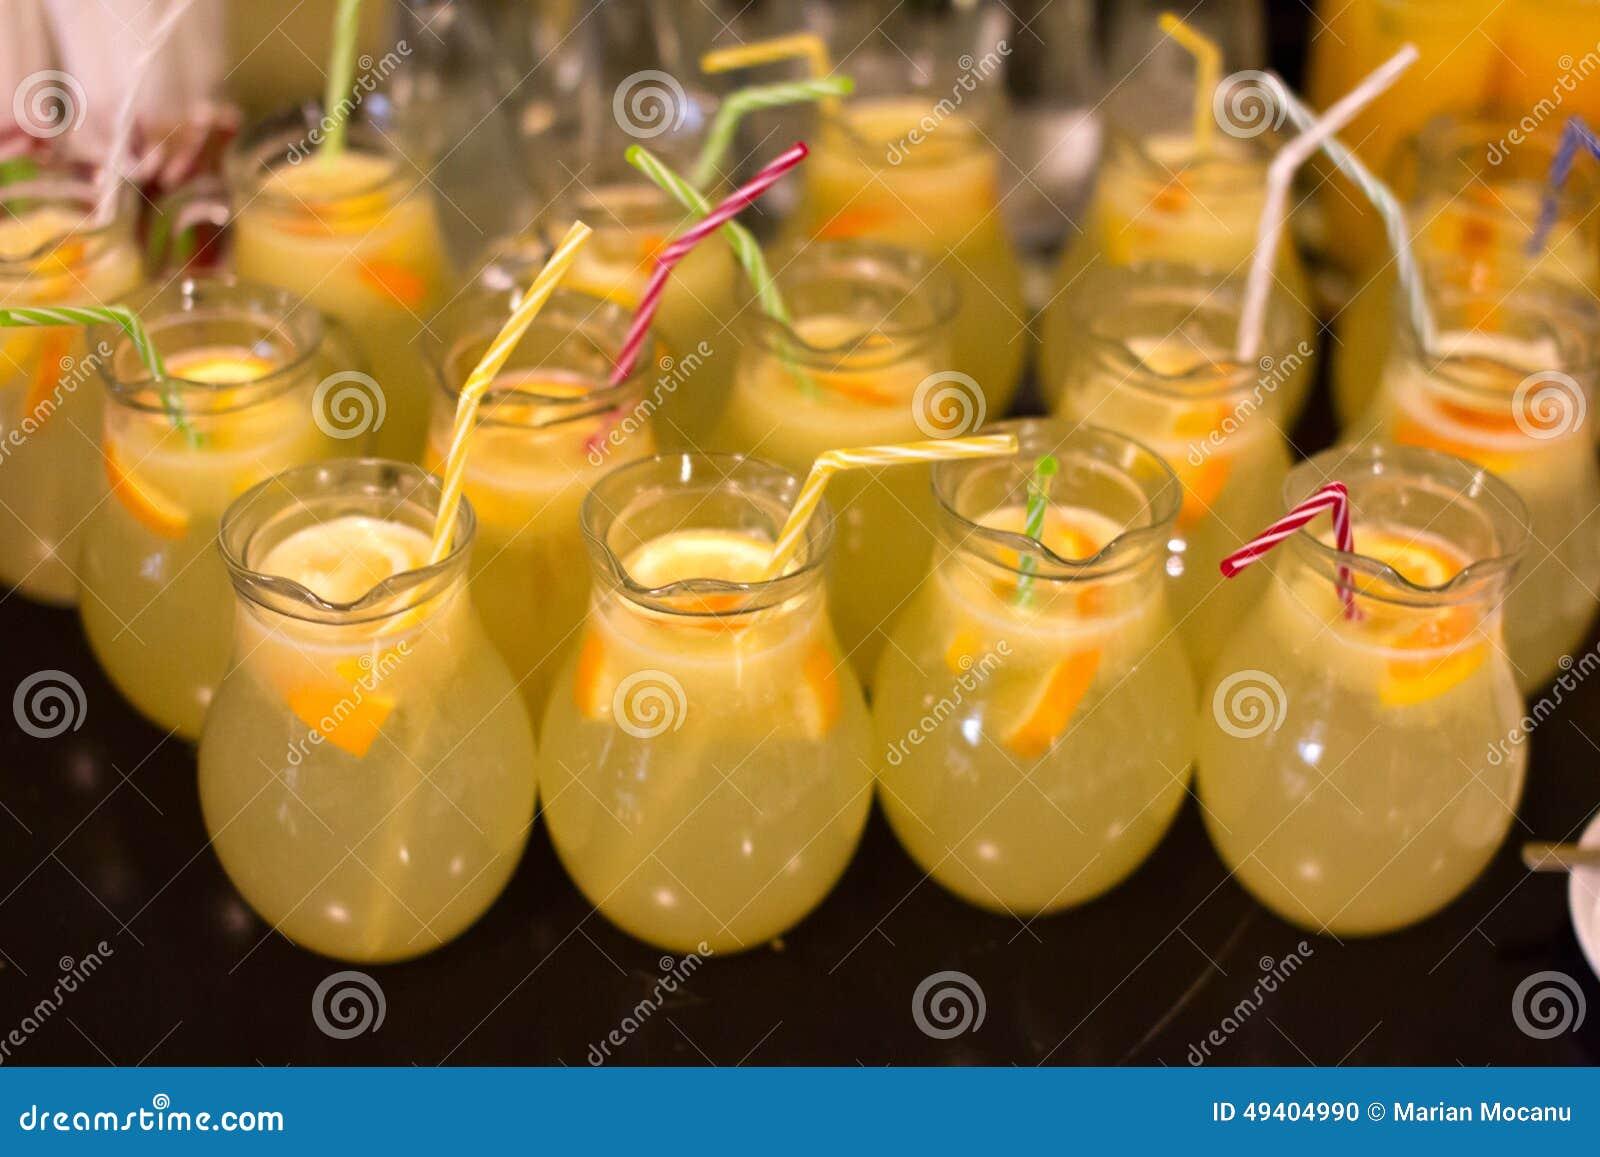 Download Limonade stockfoto. Bild von weiß, frisch, vollständig - 49404990